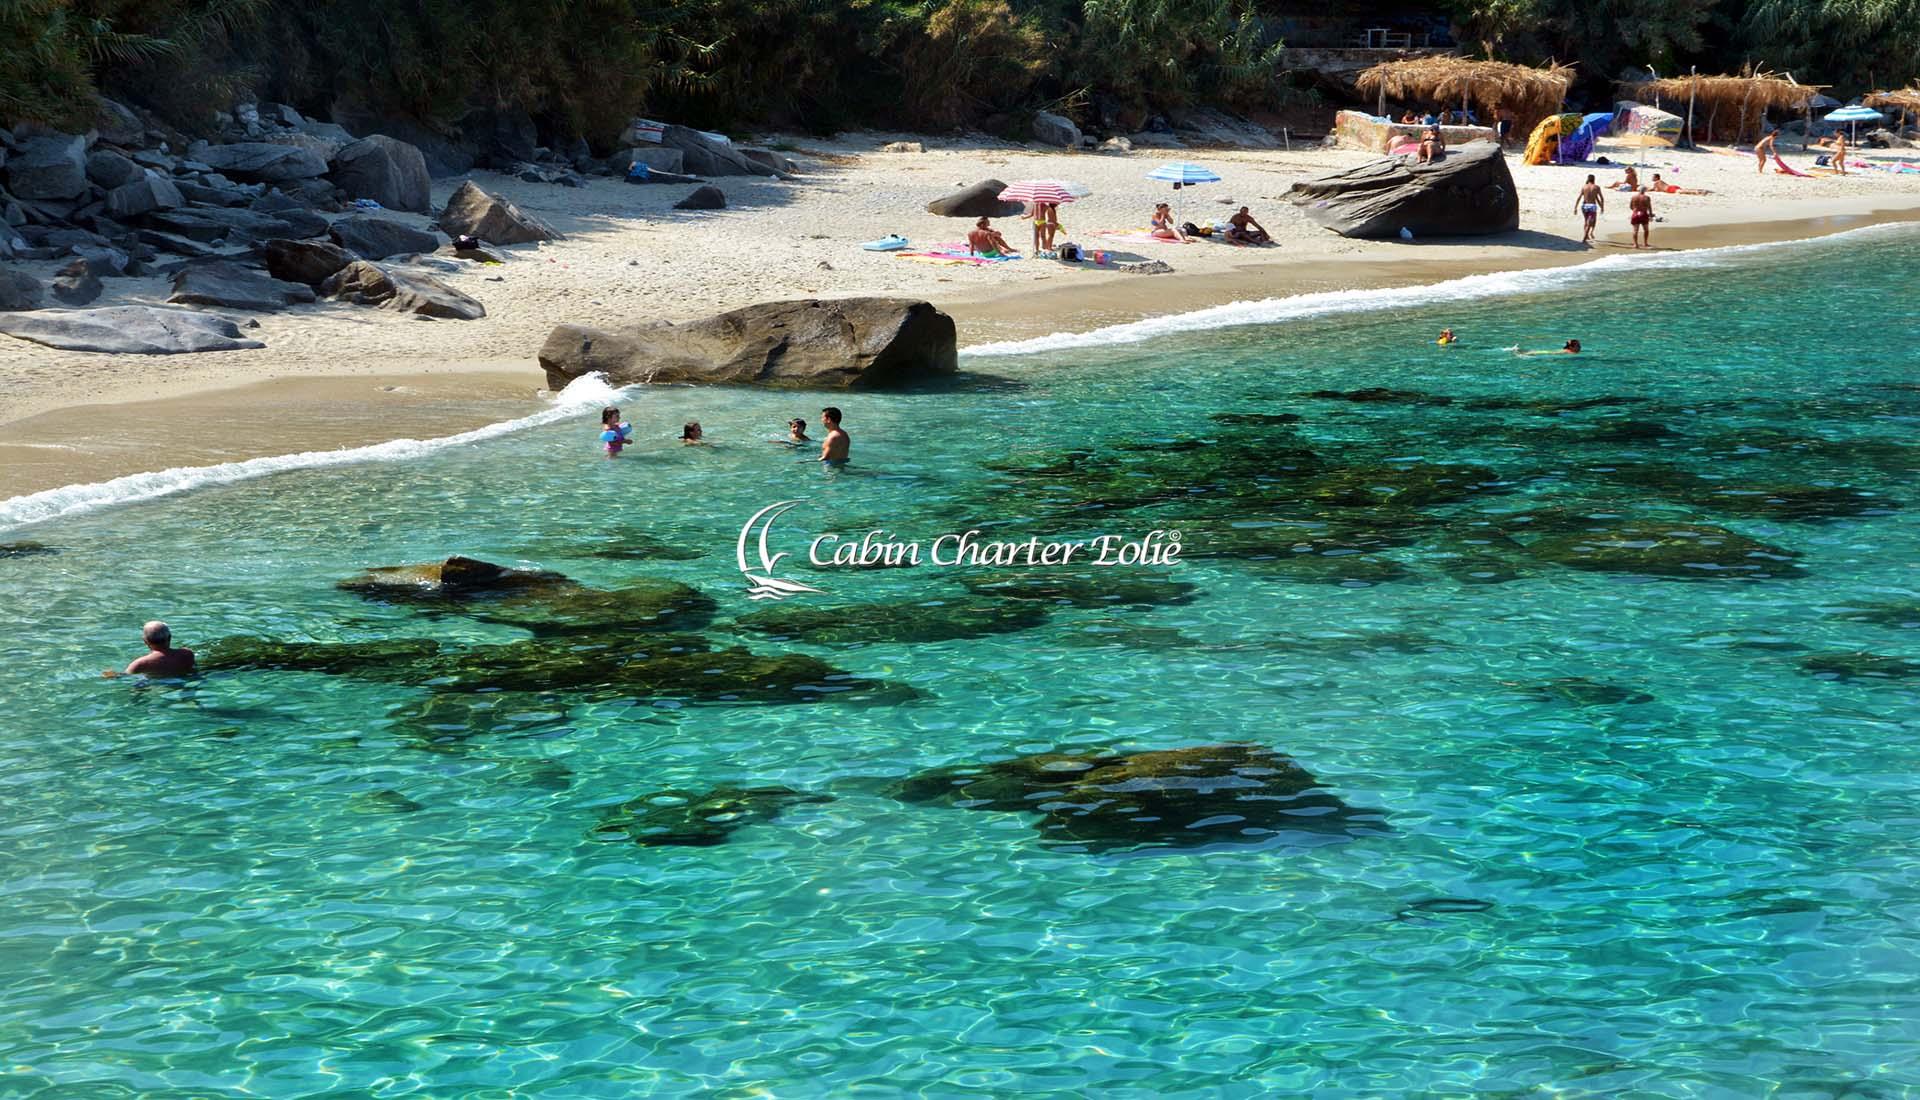 Cabin Charter Eolie - Capo Vaticano - Bistrot - Vacanza in Barca a Vela - Viaggio in Barca a Vela - Calabria - Sicilia